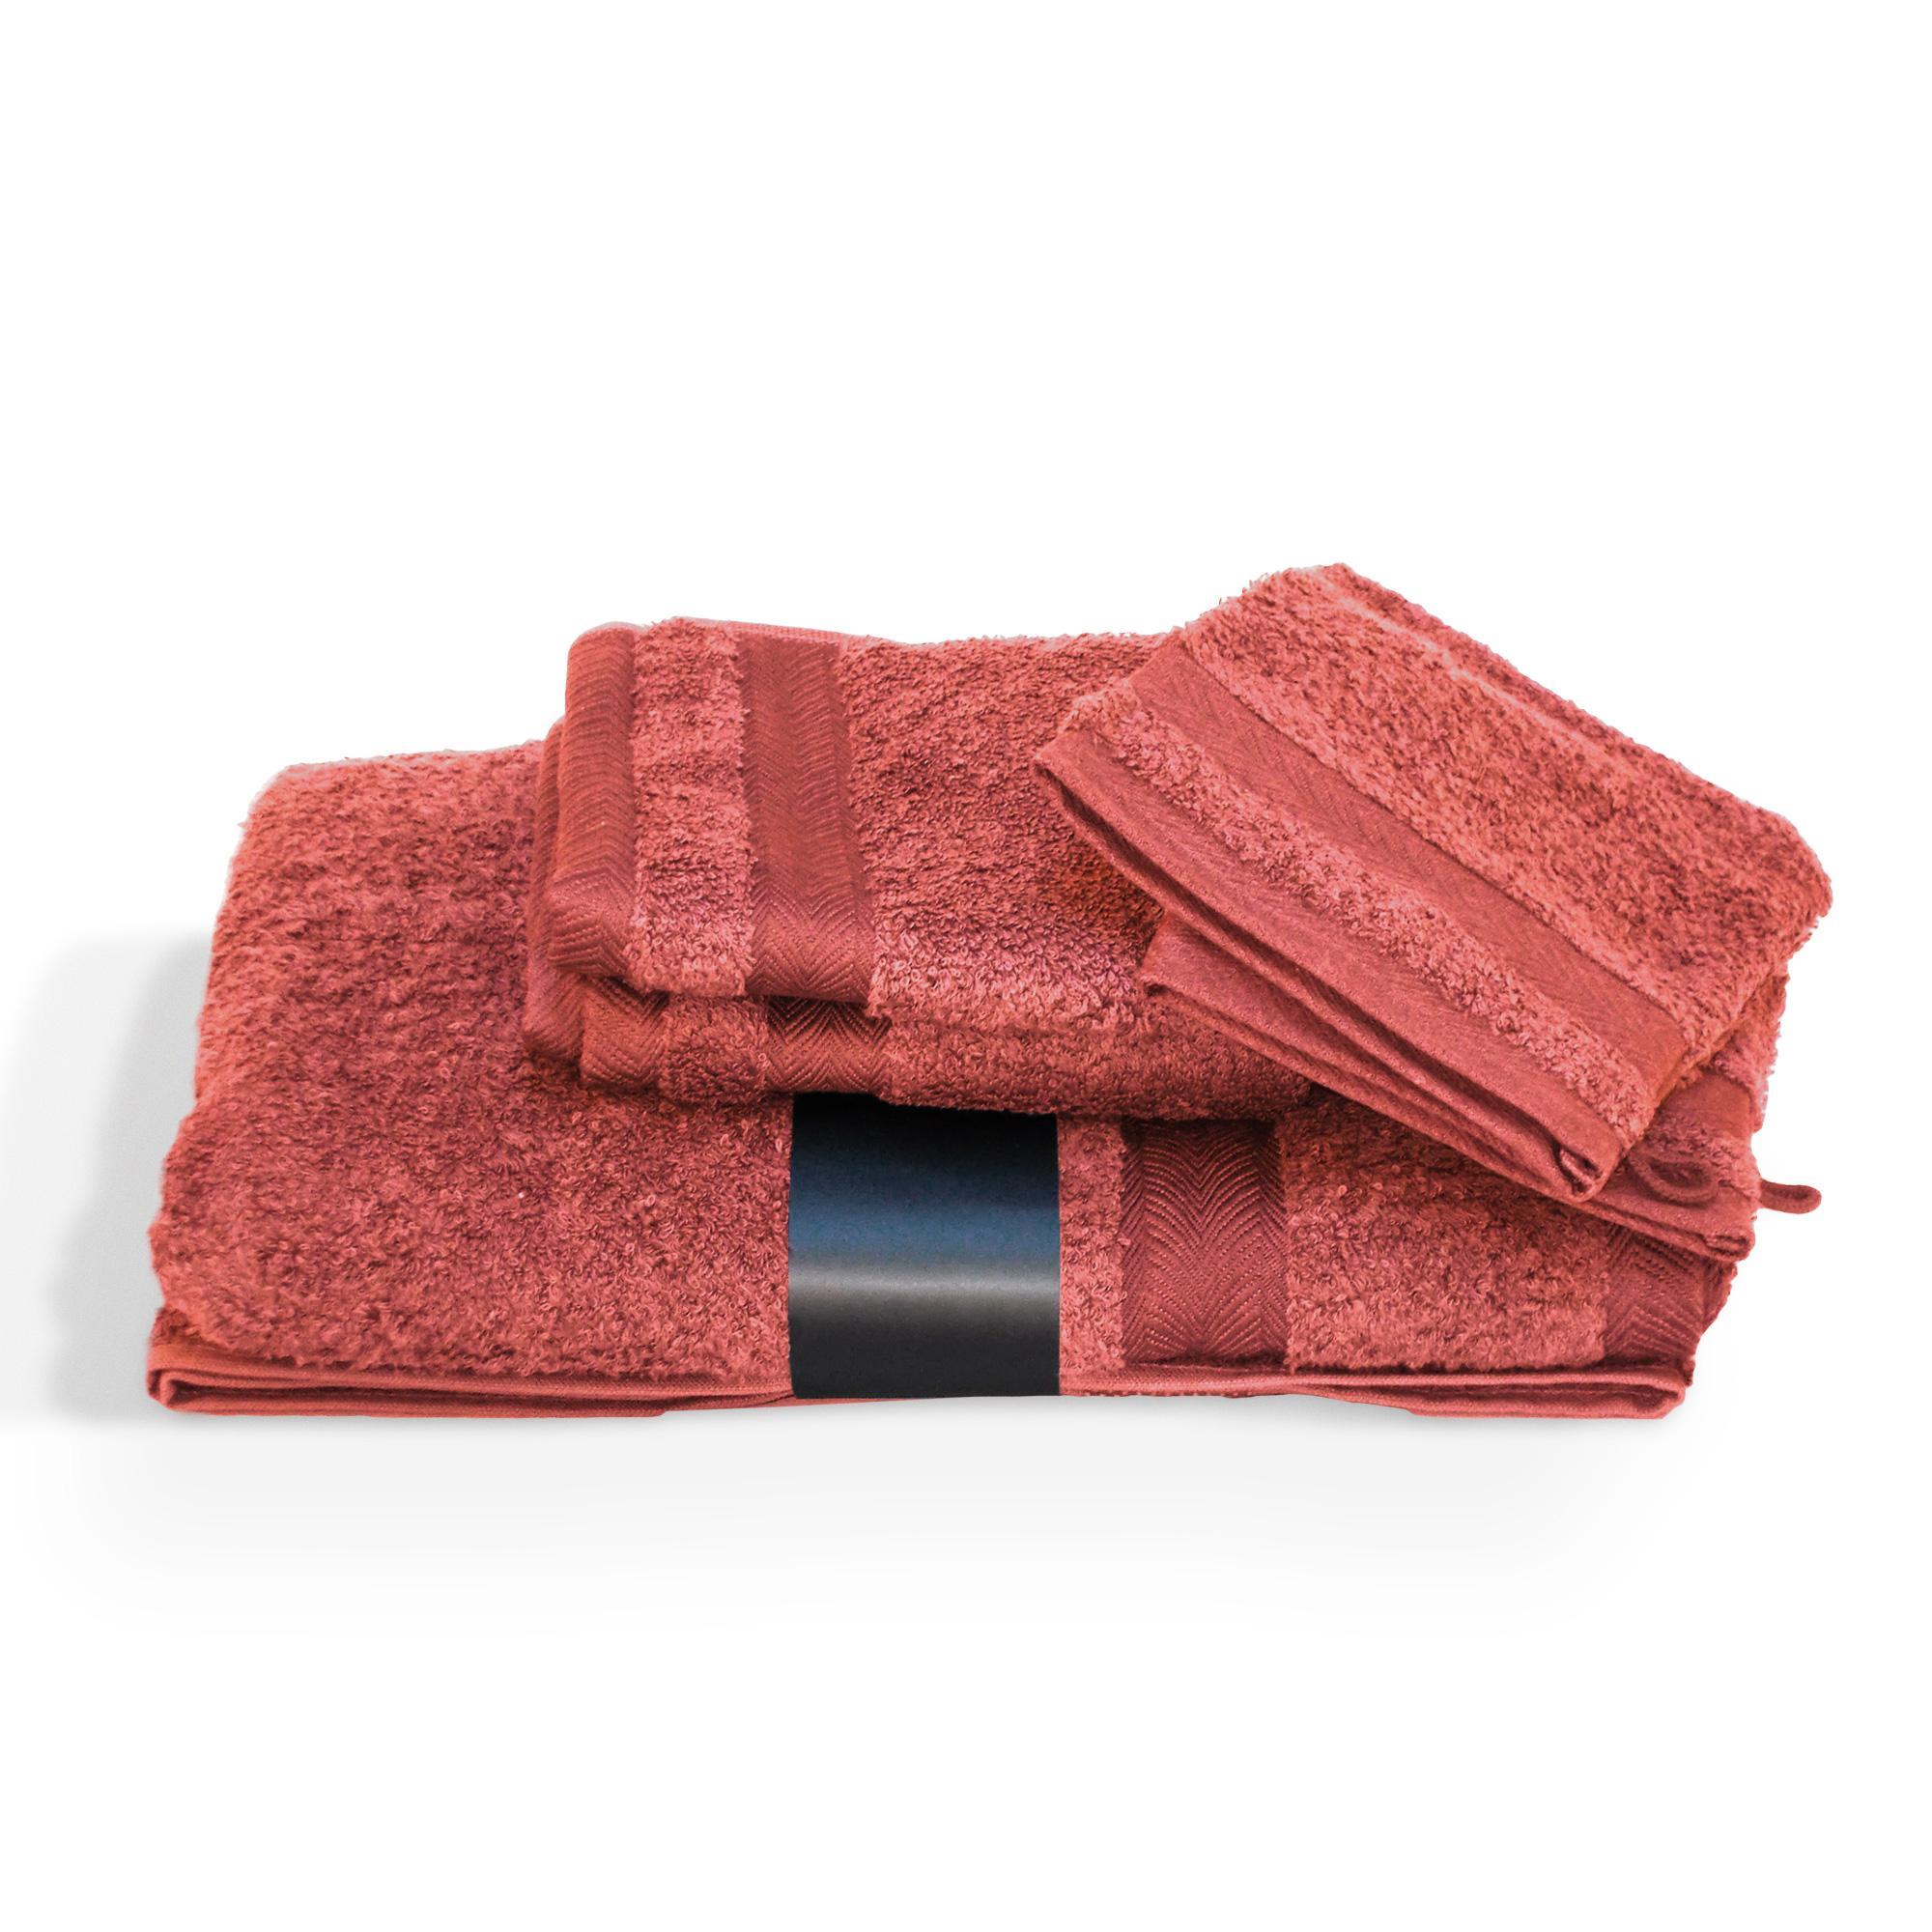 parure de bain 5 pieces coton uni royal cresent rouge terre cuite linnea linge de maison et. Black Bedroom Furniture Sets. Home Design Ideas